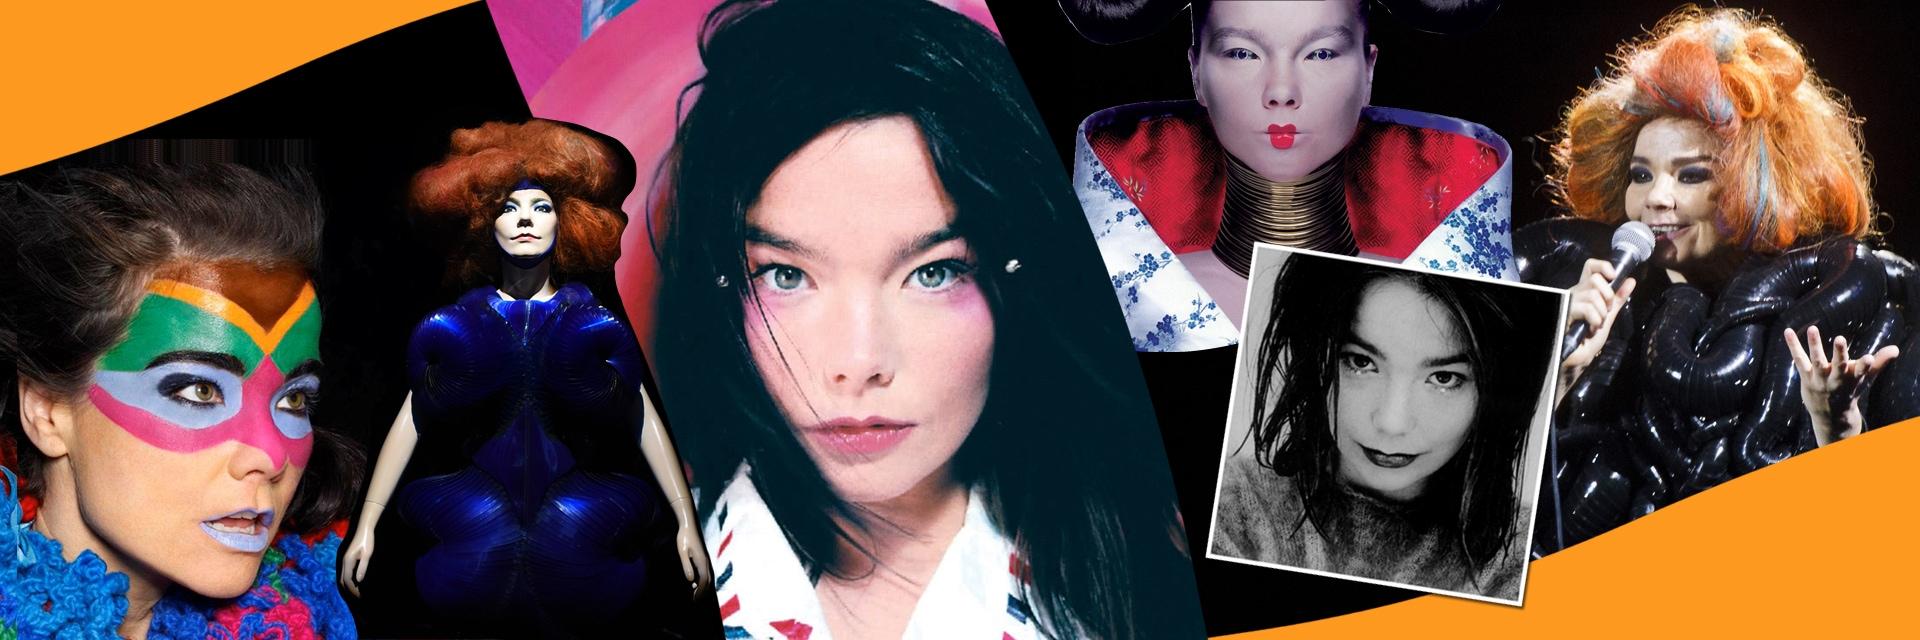 Björk WIDE